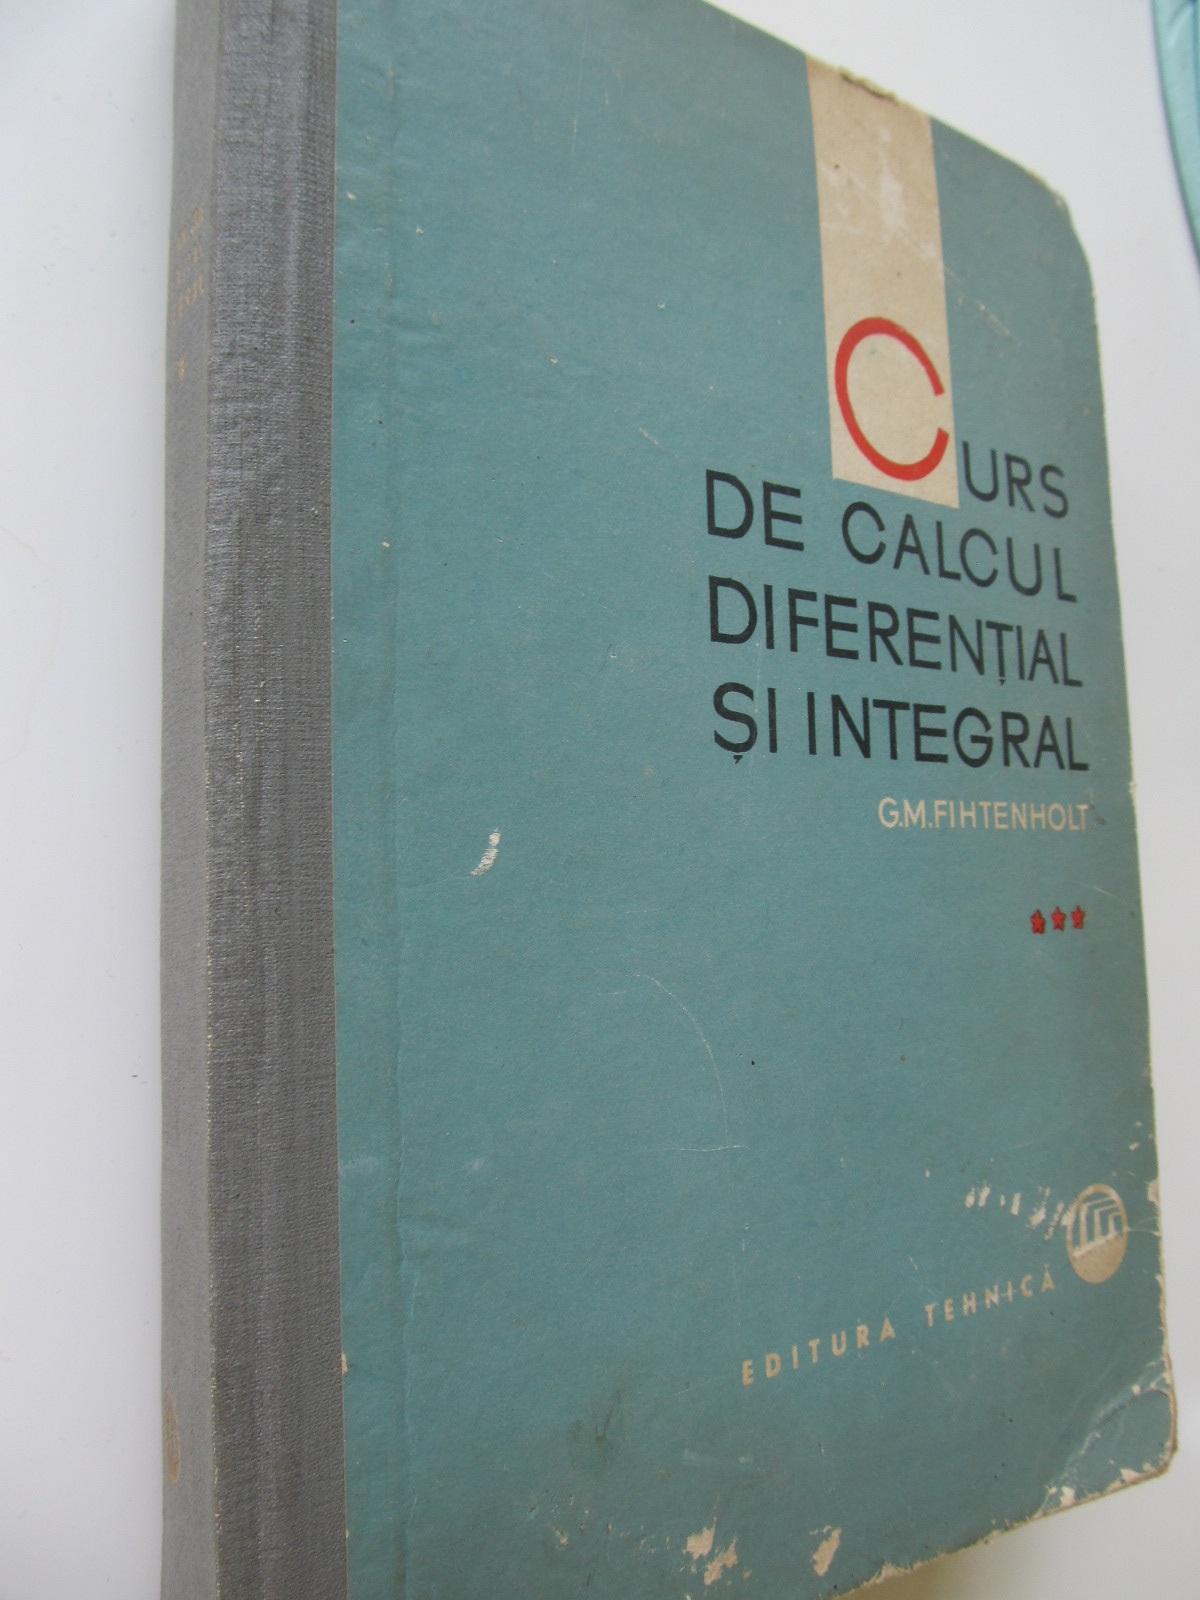 Curs de calcul diferential si integral (vol. 3) - G. M. Fihtenholt | Detalii carte